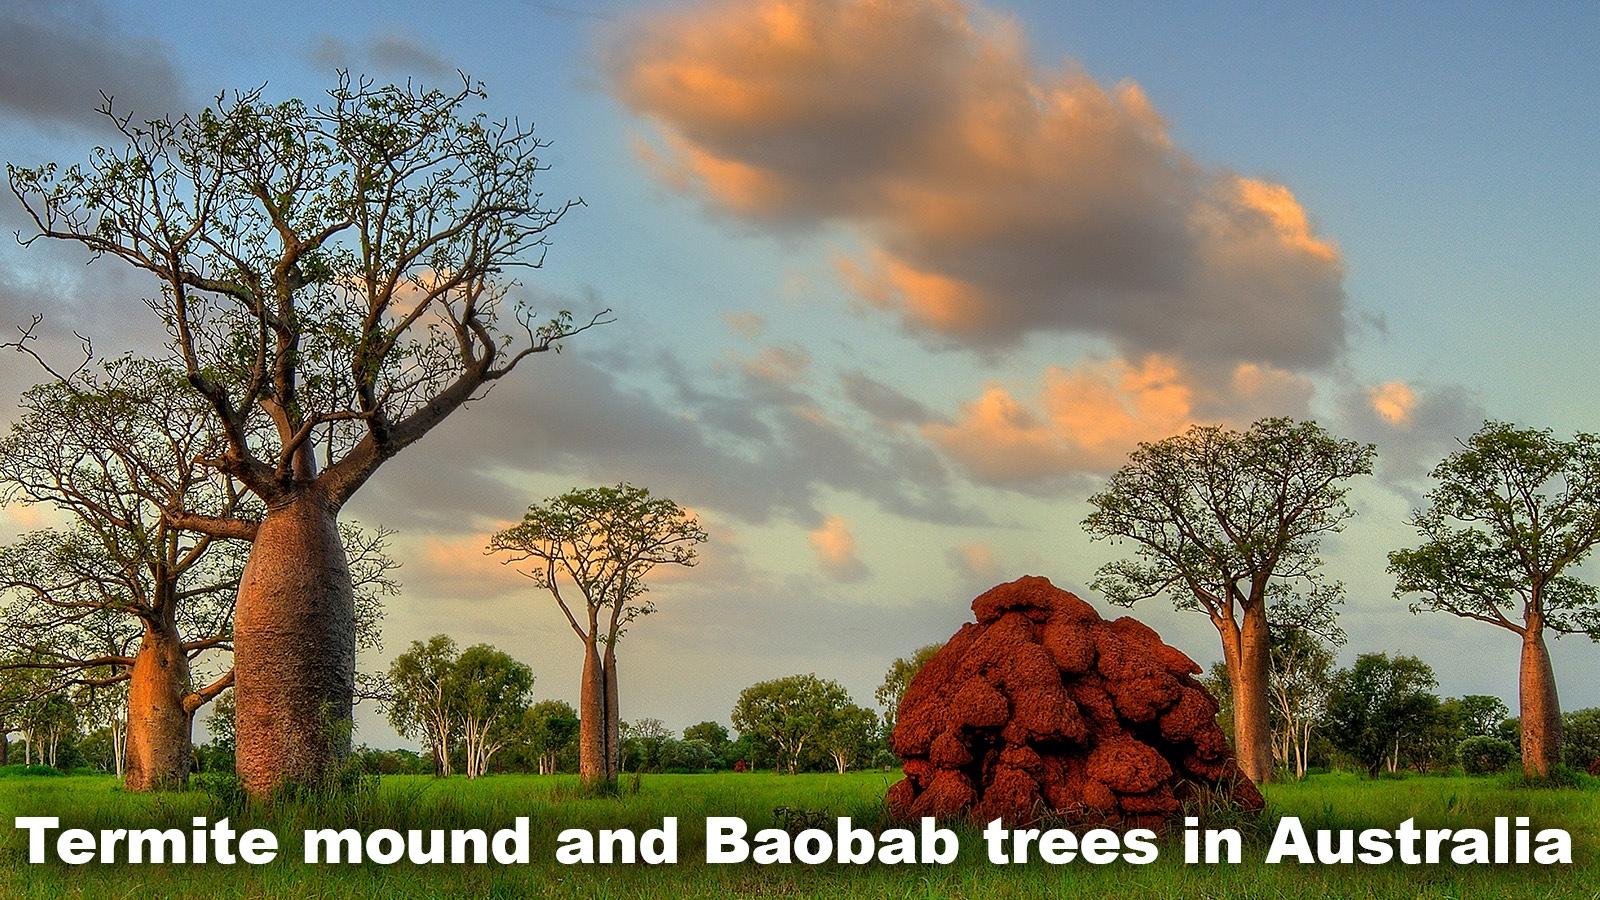 Savanna grasslands Baobab trees in Australia